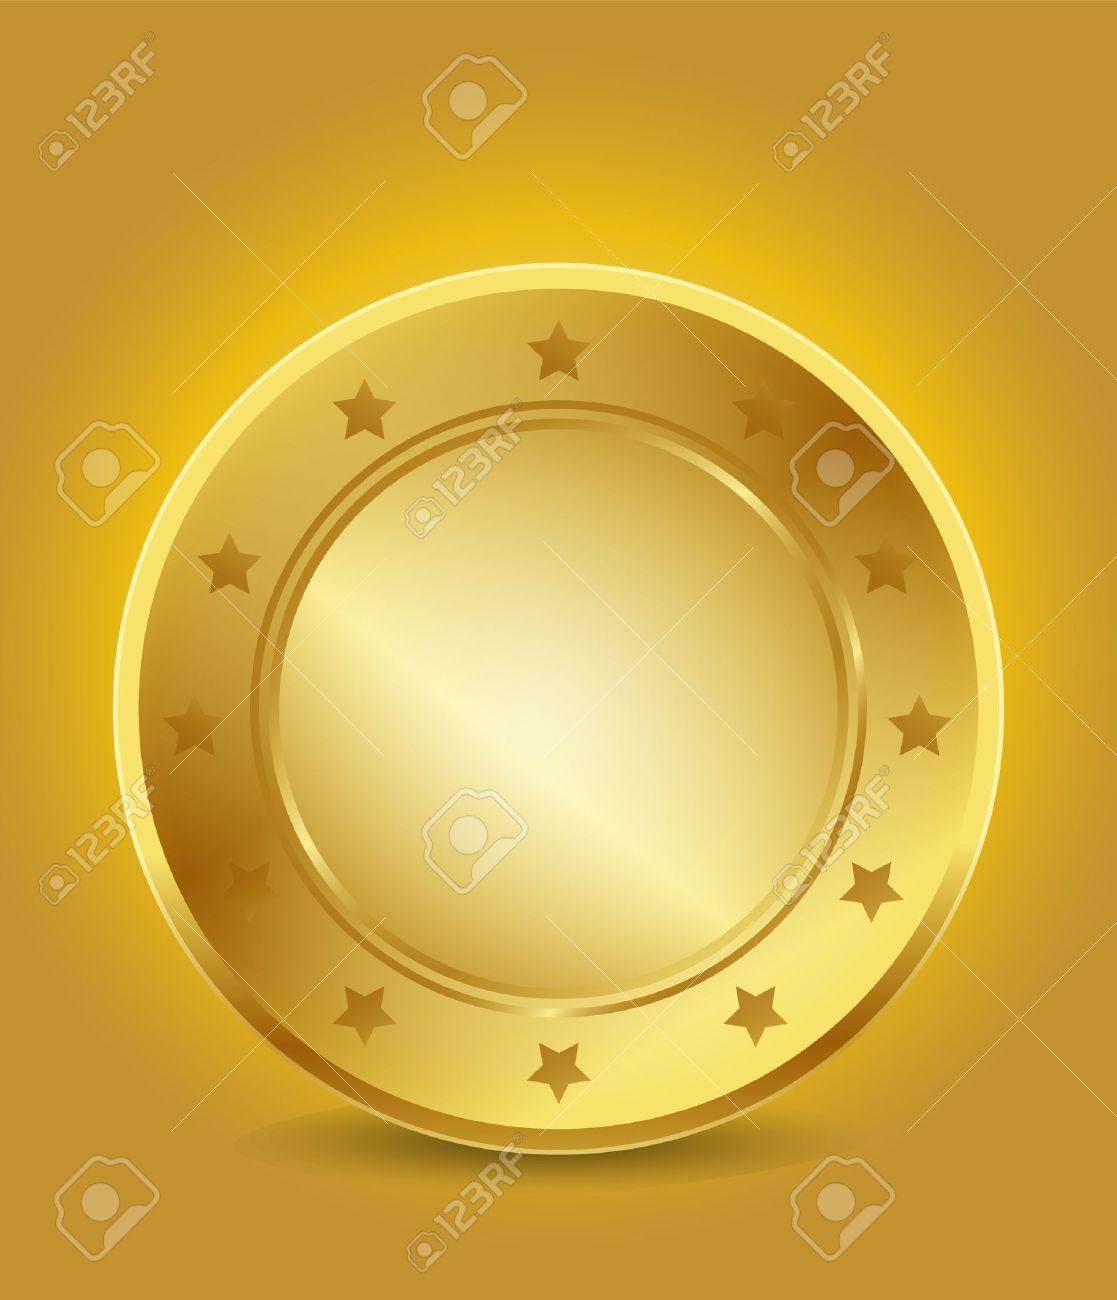 Empty Golden Guarantee Label Stock Vector - 15746002